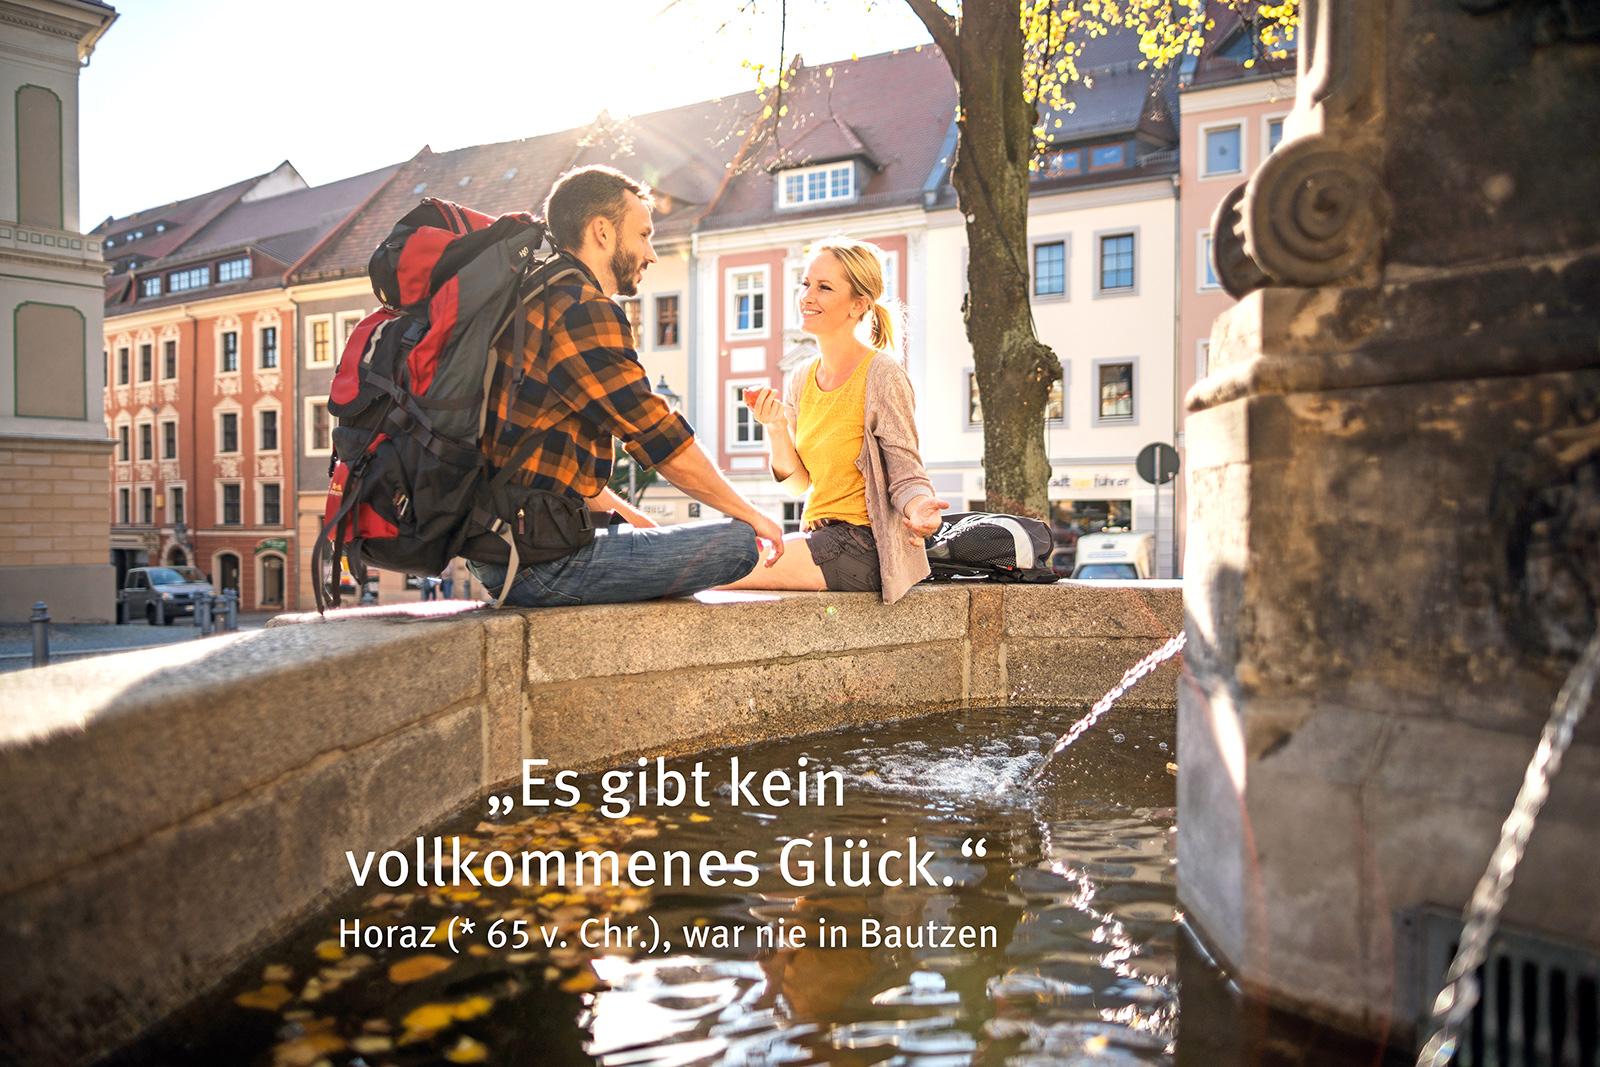 Junger Mann mit Rucksack und junge Frau sitzen auf Brunnenrand, im Hintergrund Häuserzeile